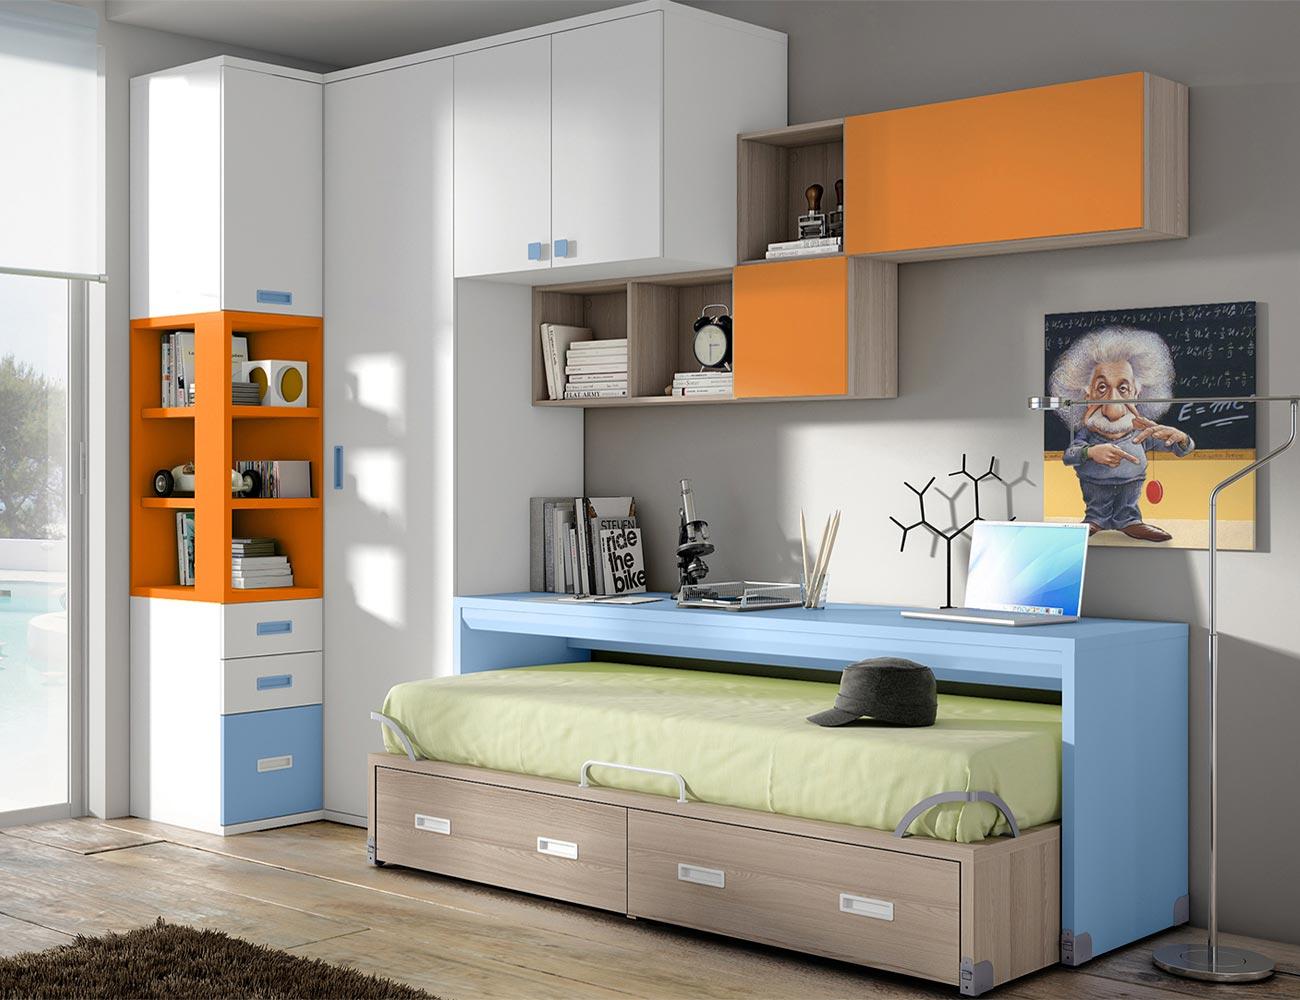 Dormitorio juvenil armario vestidor rincon cama puente base30